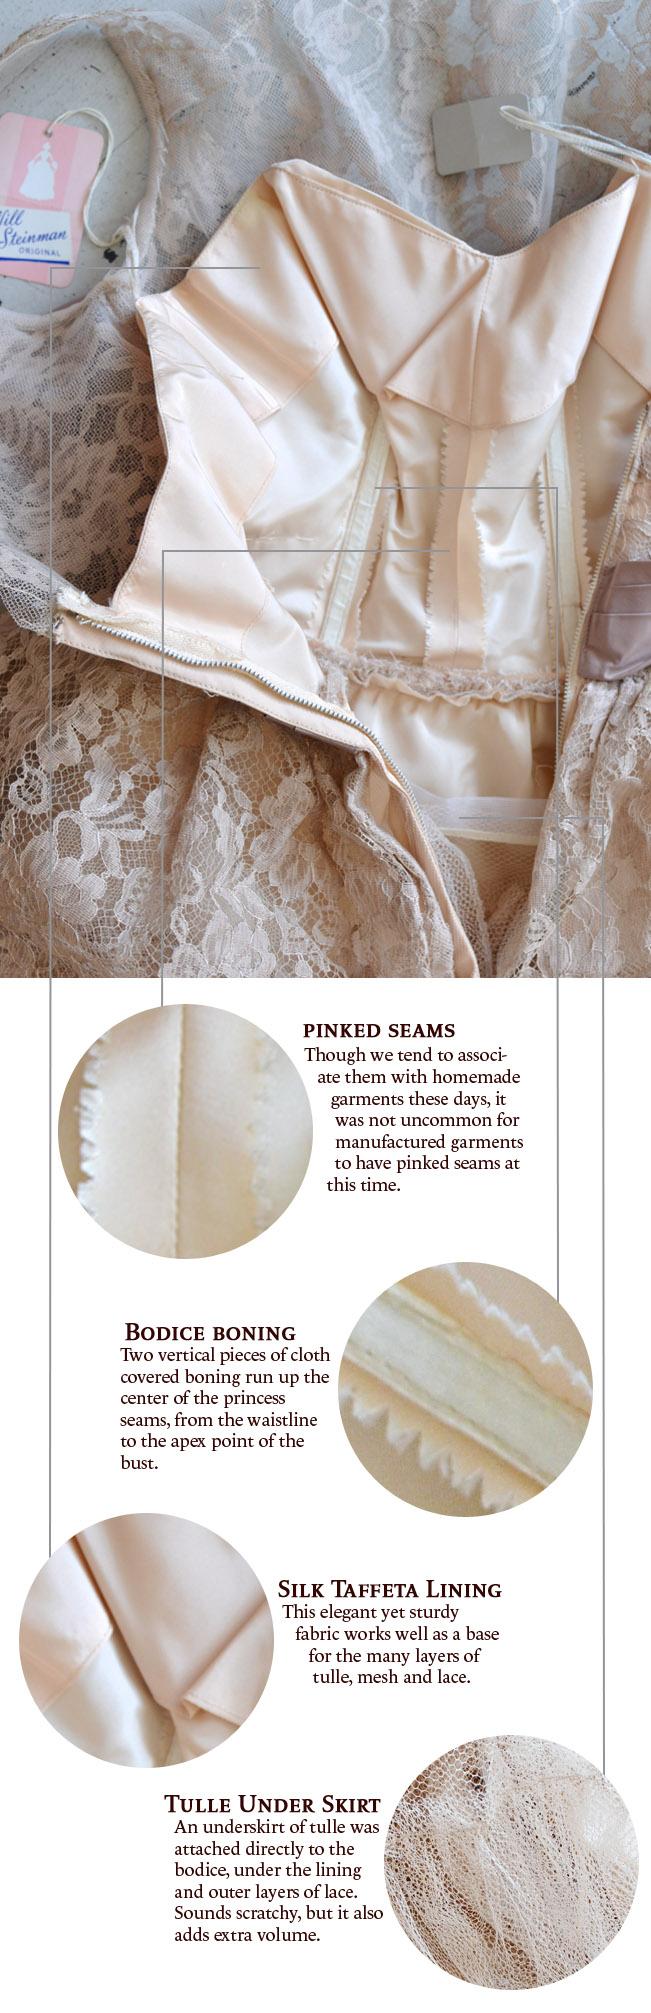 lace-steinman-construction-details